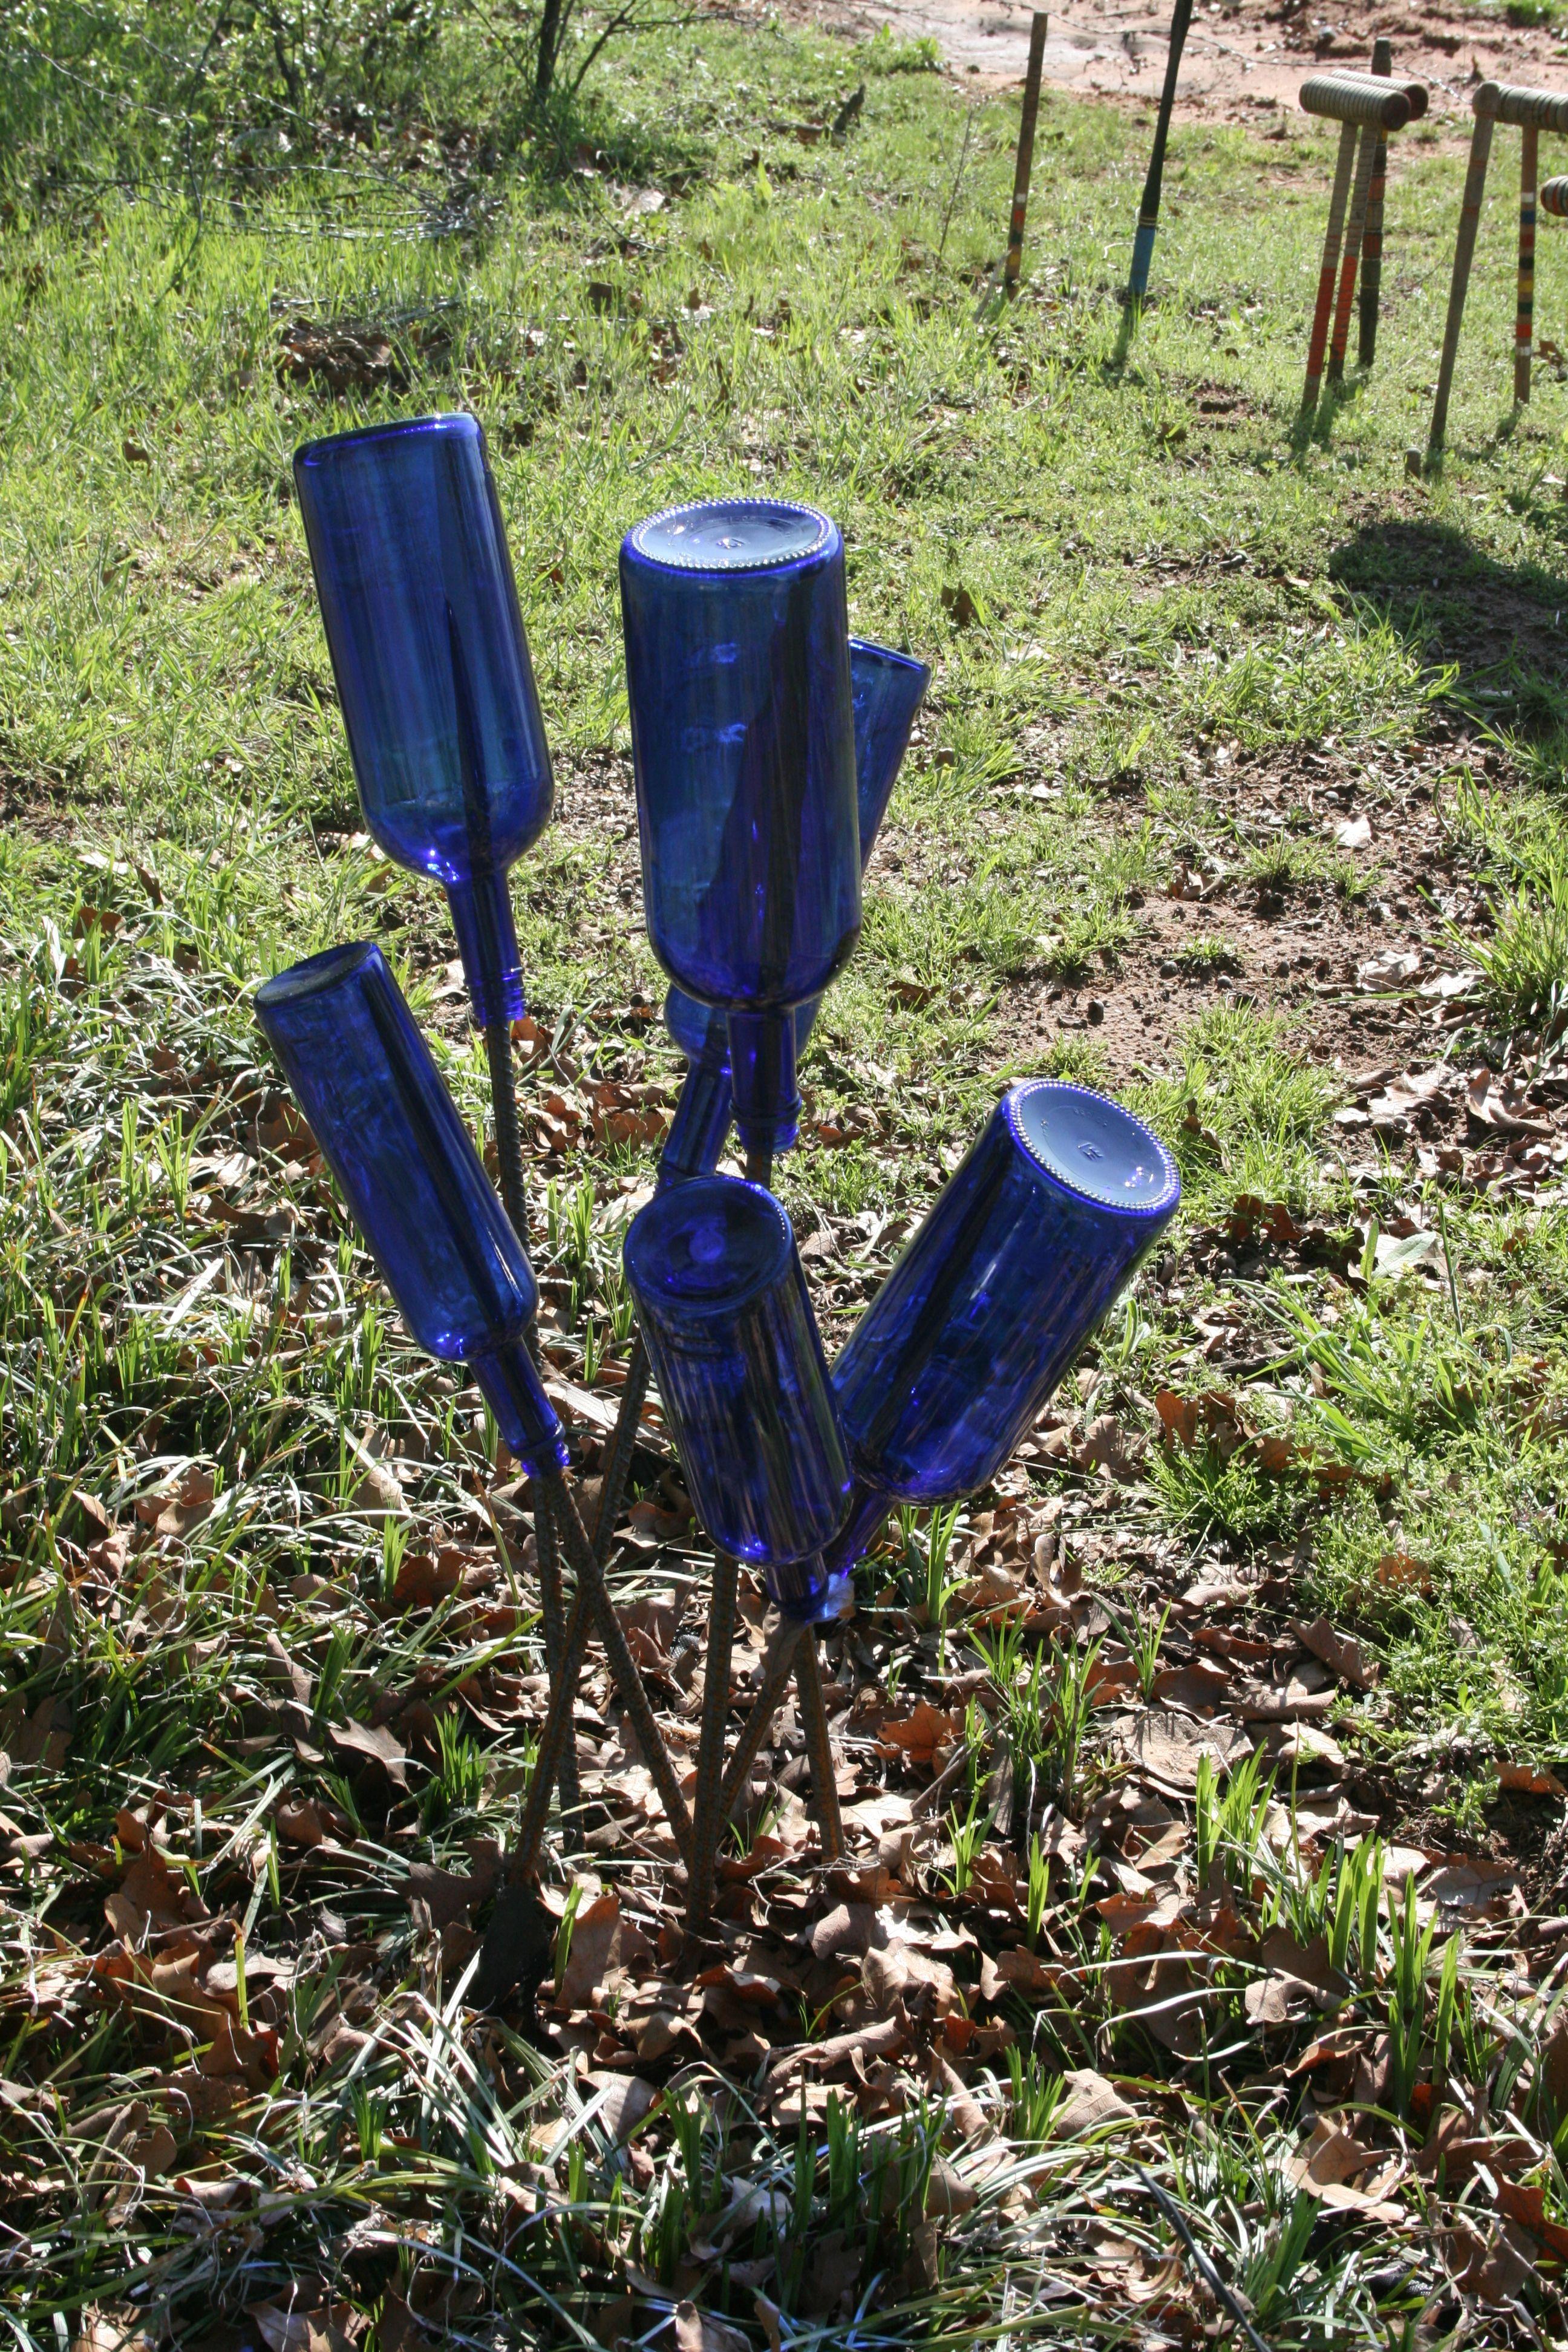 Blue bottle mini tree | bottle trees | Pinterest | Bottle, Bottle ...